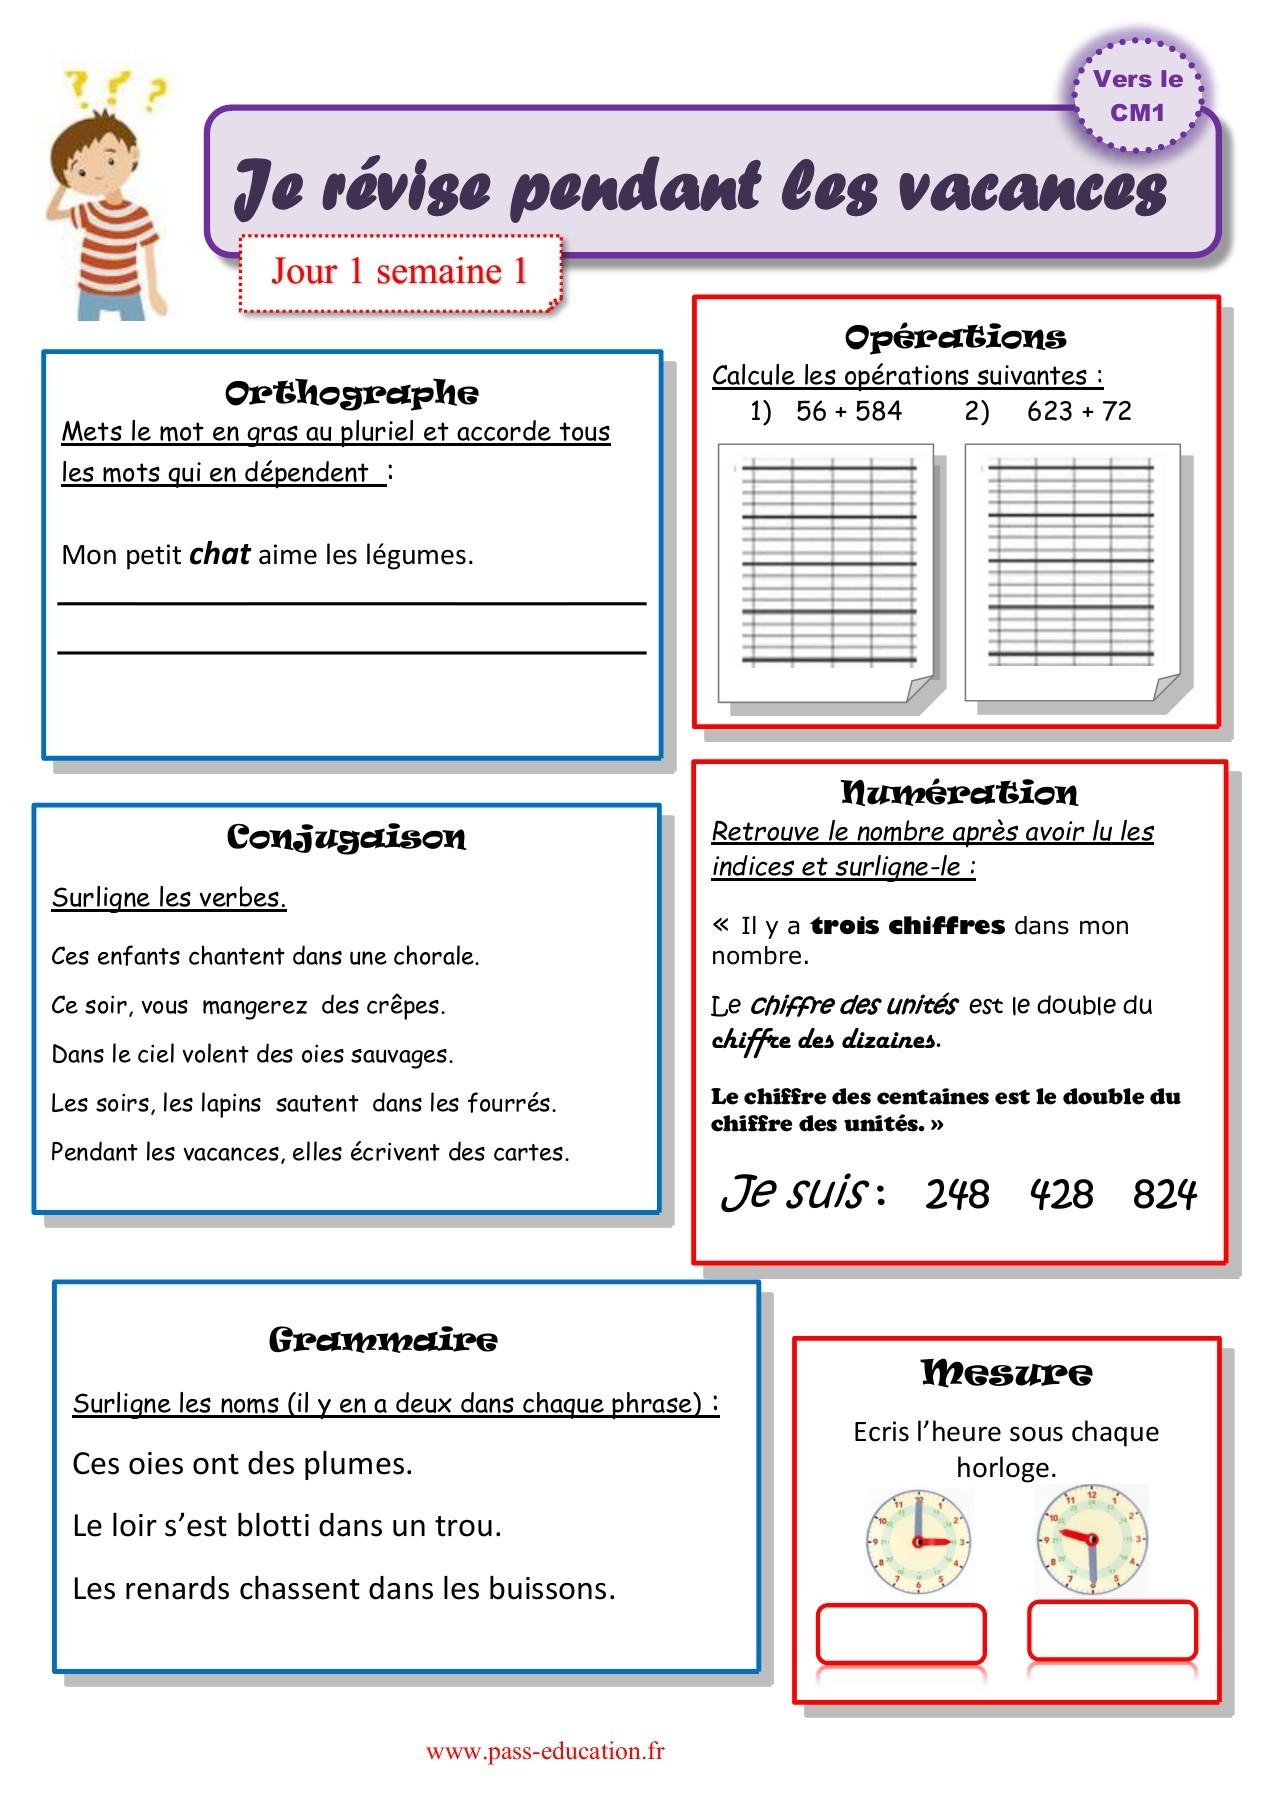 Cahier De Vacances Gratuit À Imprimer - Ce2 Vers Le Cm1 tout Travaille Ce2 A Imprimer